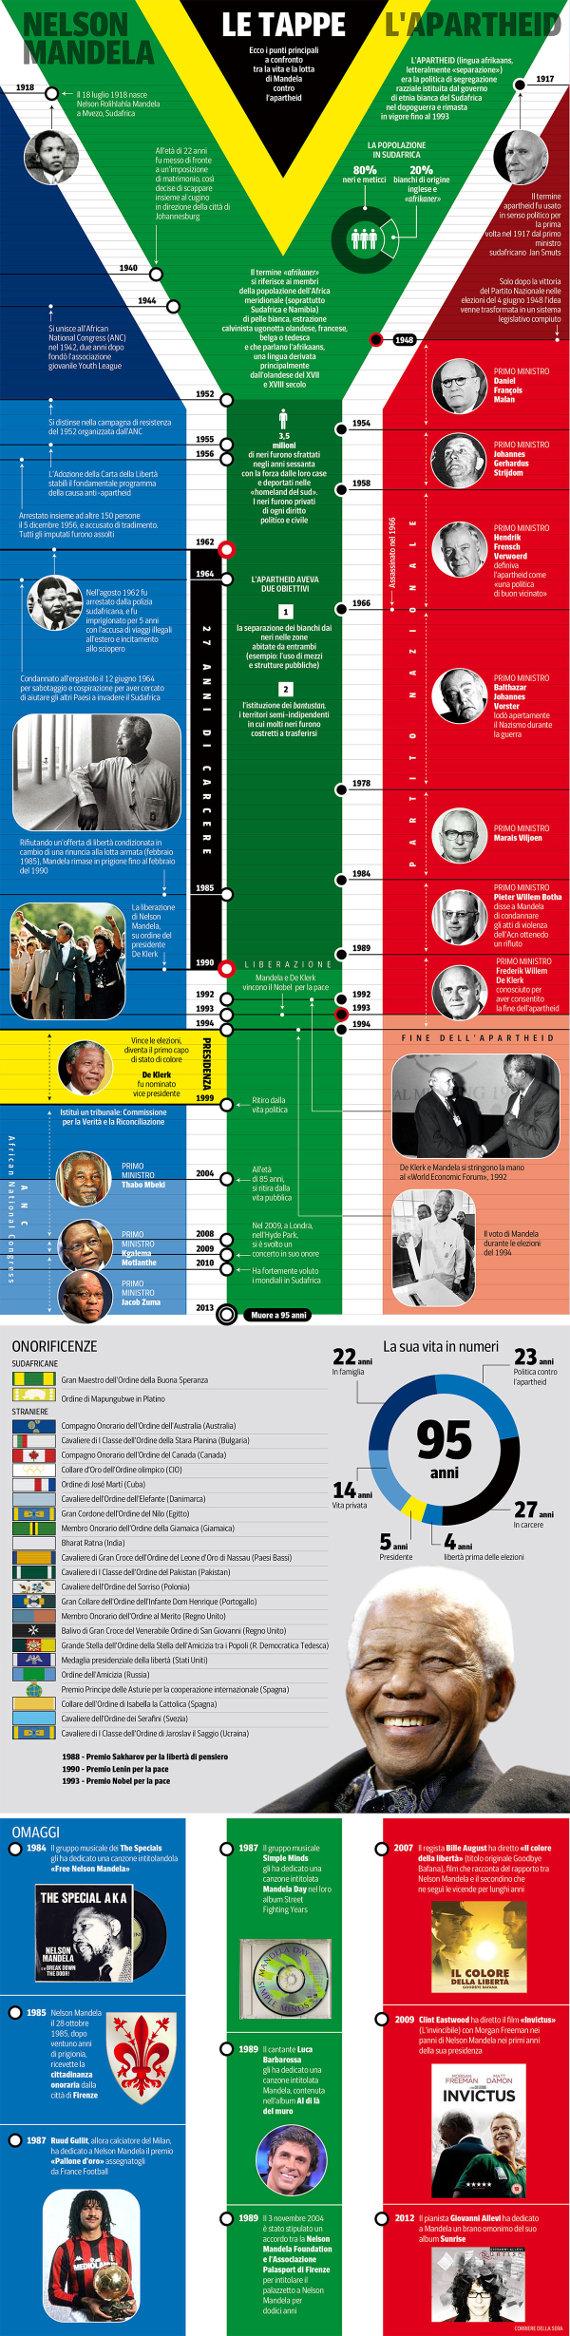 nelson-mandela-infografica